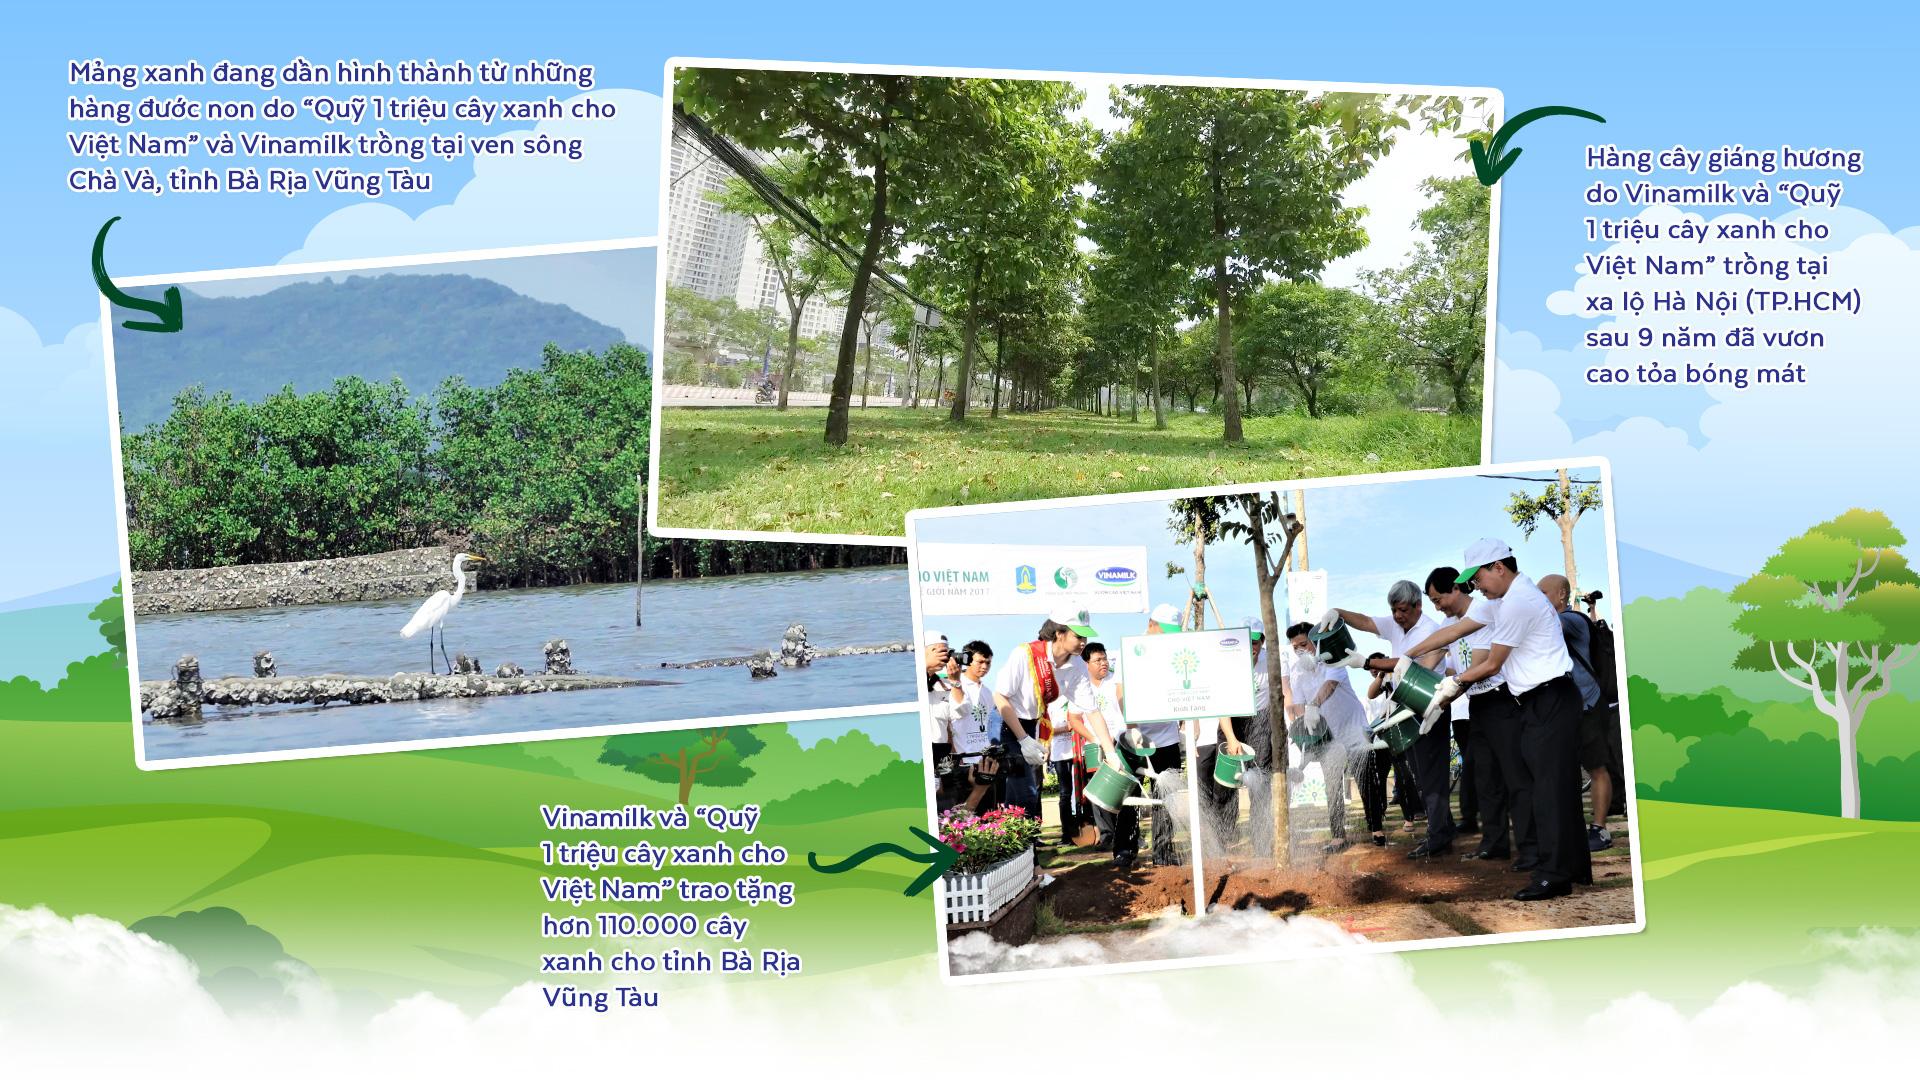 Triệu cây vươn cao - Hành trình xanh khởi đầu tương lai xanh - Ảnh 6.